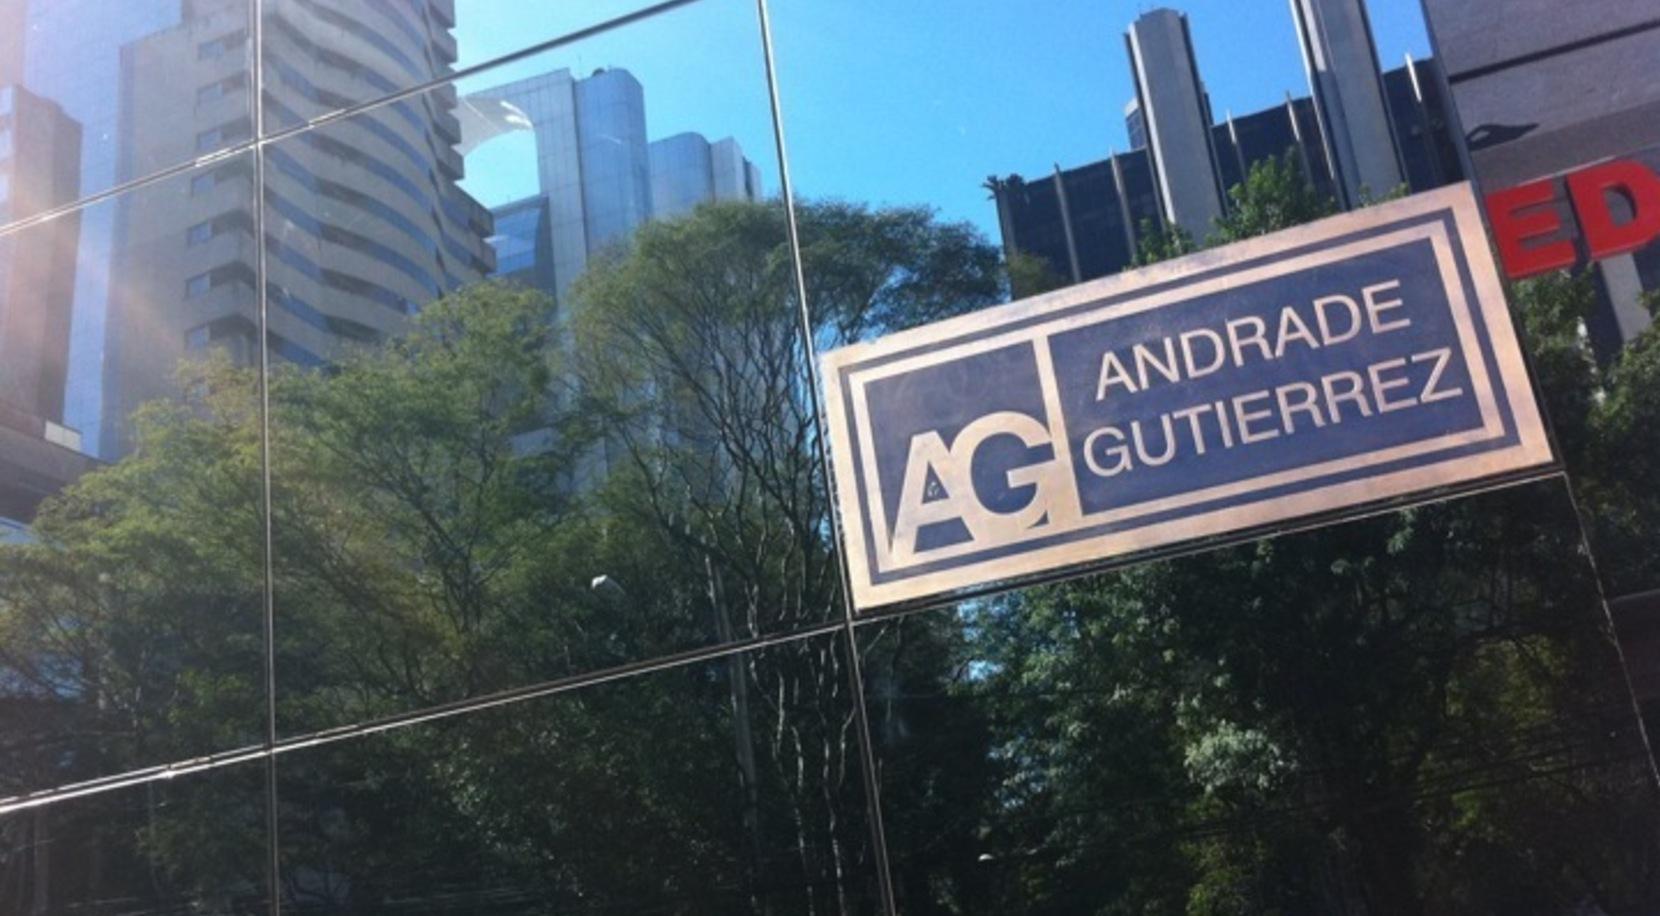 Ex-presidente da Andrade Gutierrez é condenado no Rio a prisão domiciliar